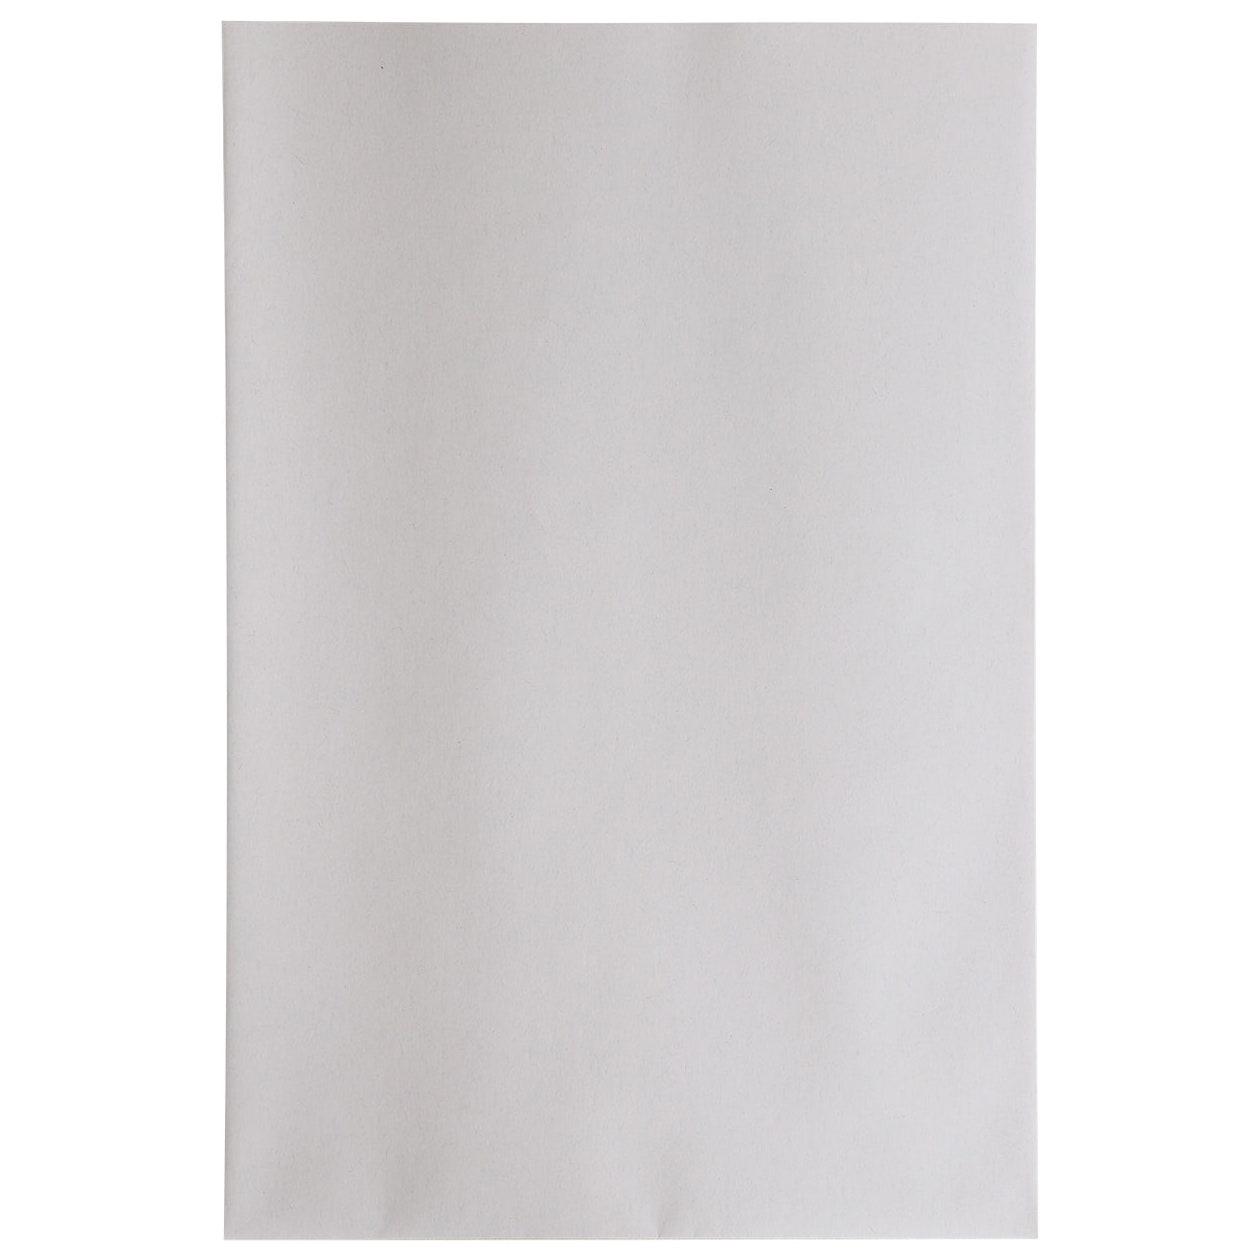 平袋240×360 HAGURUMA Basic ライナーグレイ 100g